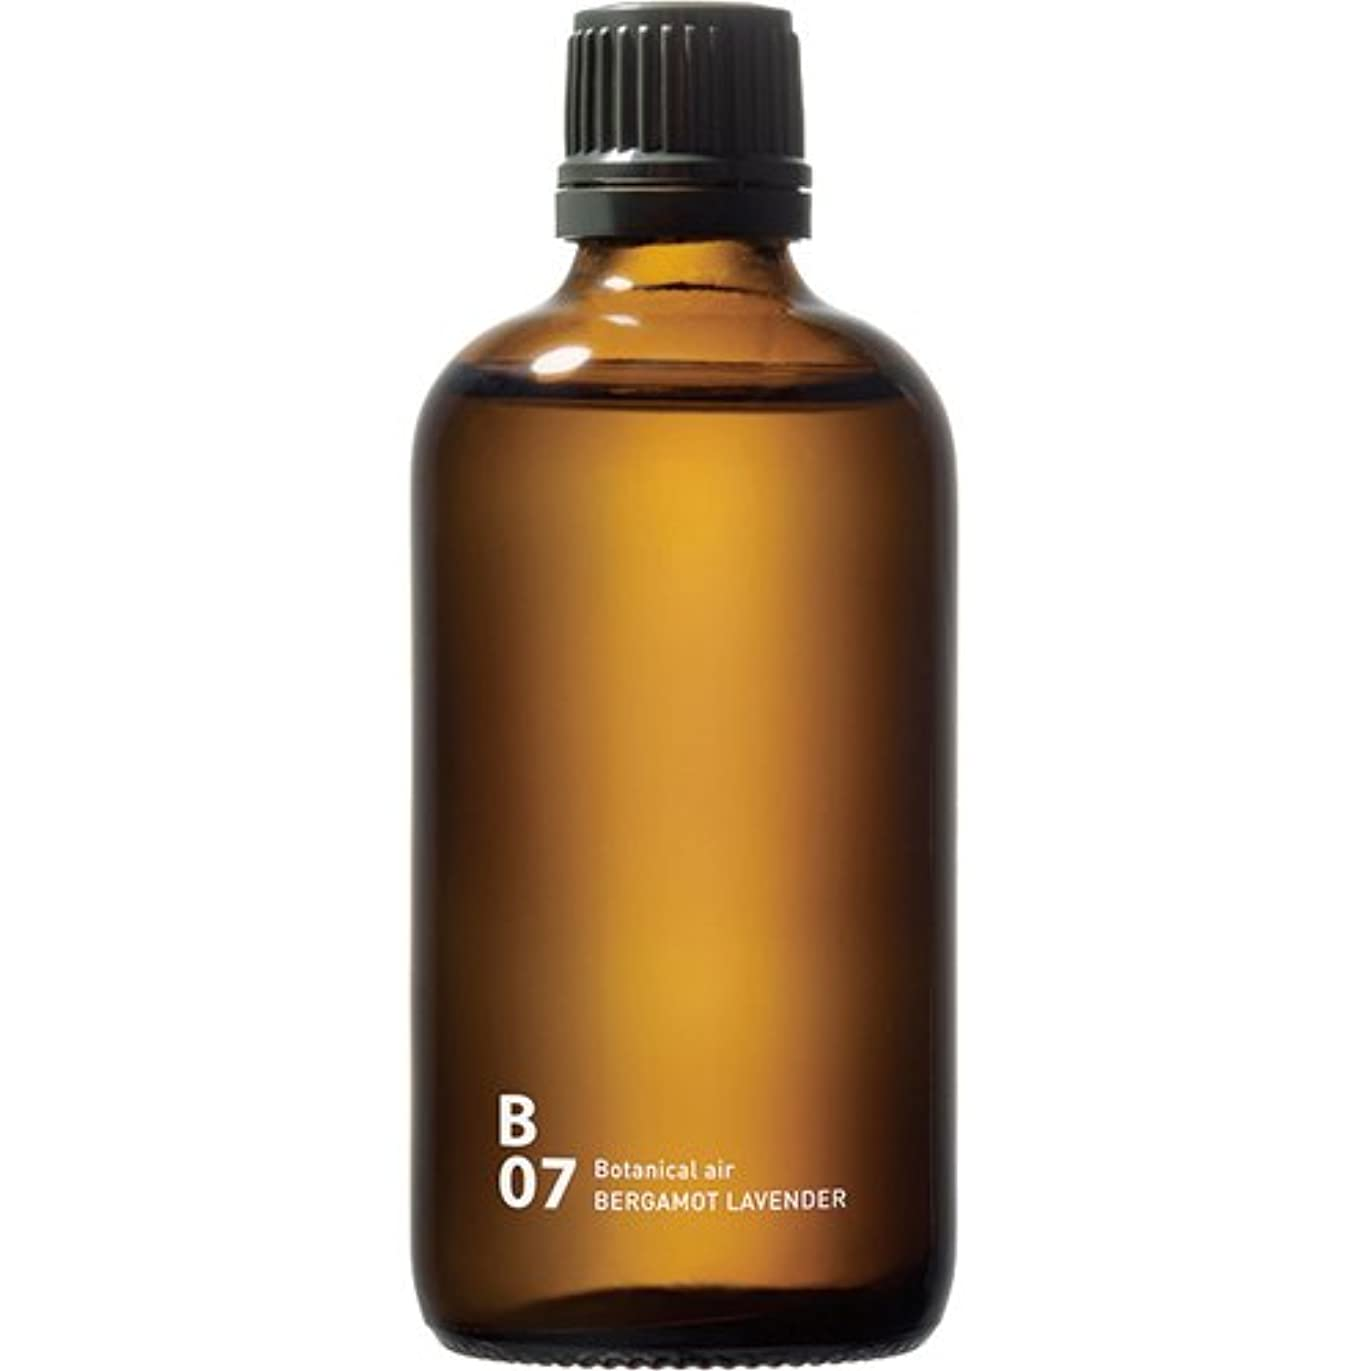 憲法膿瘍それに応じてB07 BERGAMOT LAVENDER piezo aroma oil 100ml